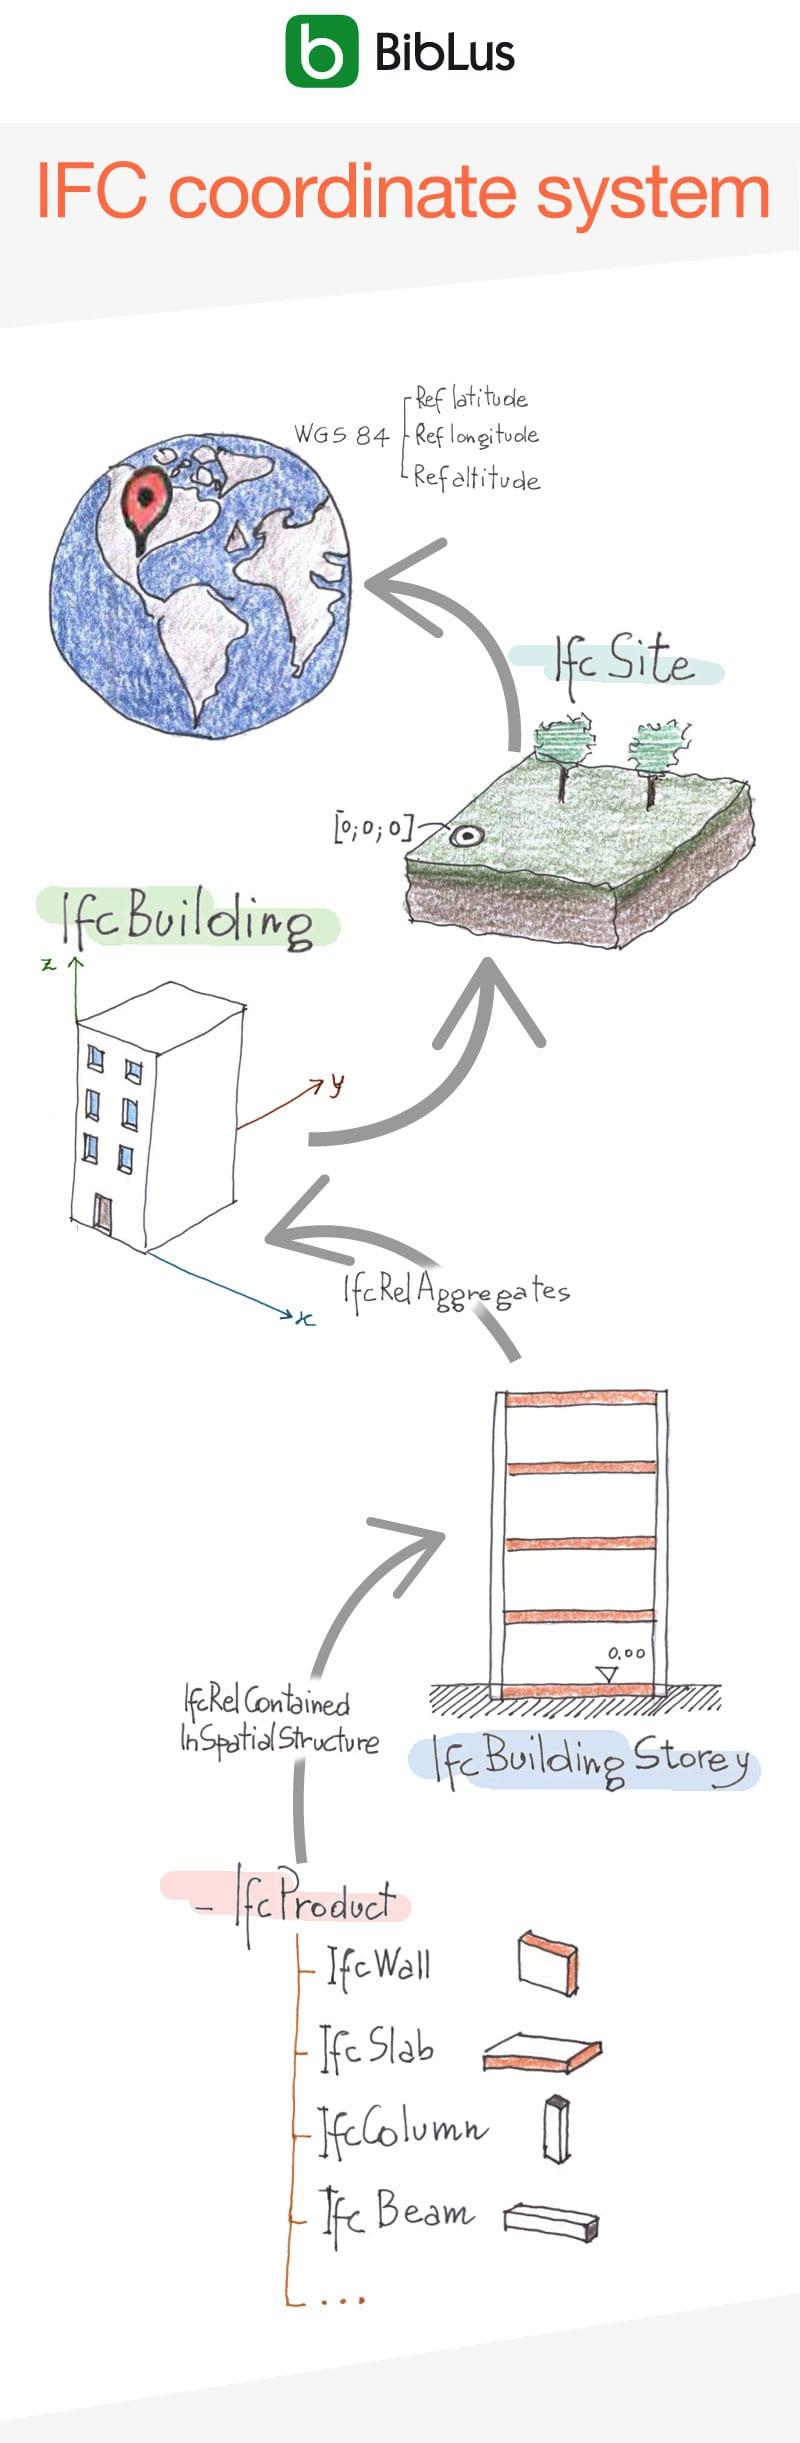 Dibujo a mano alzada de una Infografía que muestra las relaciones jerárquicas para el posicionamiento de las entidades ifc